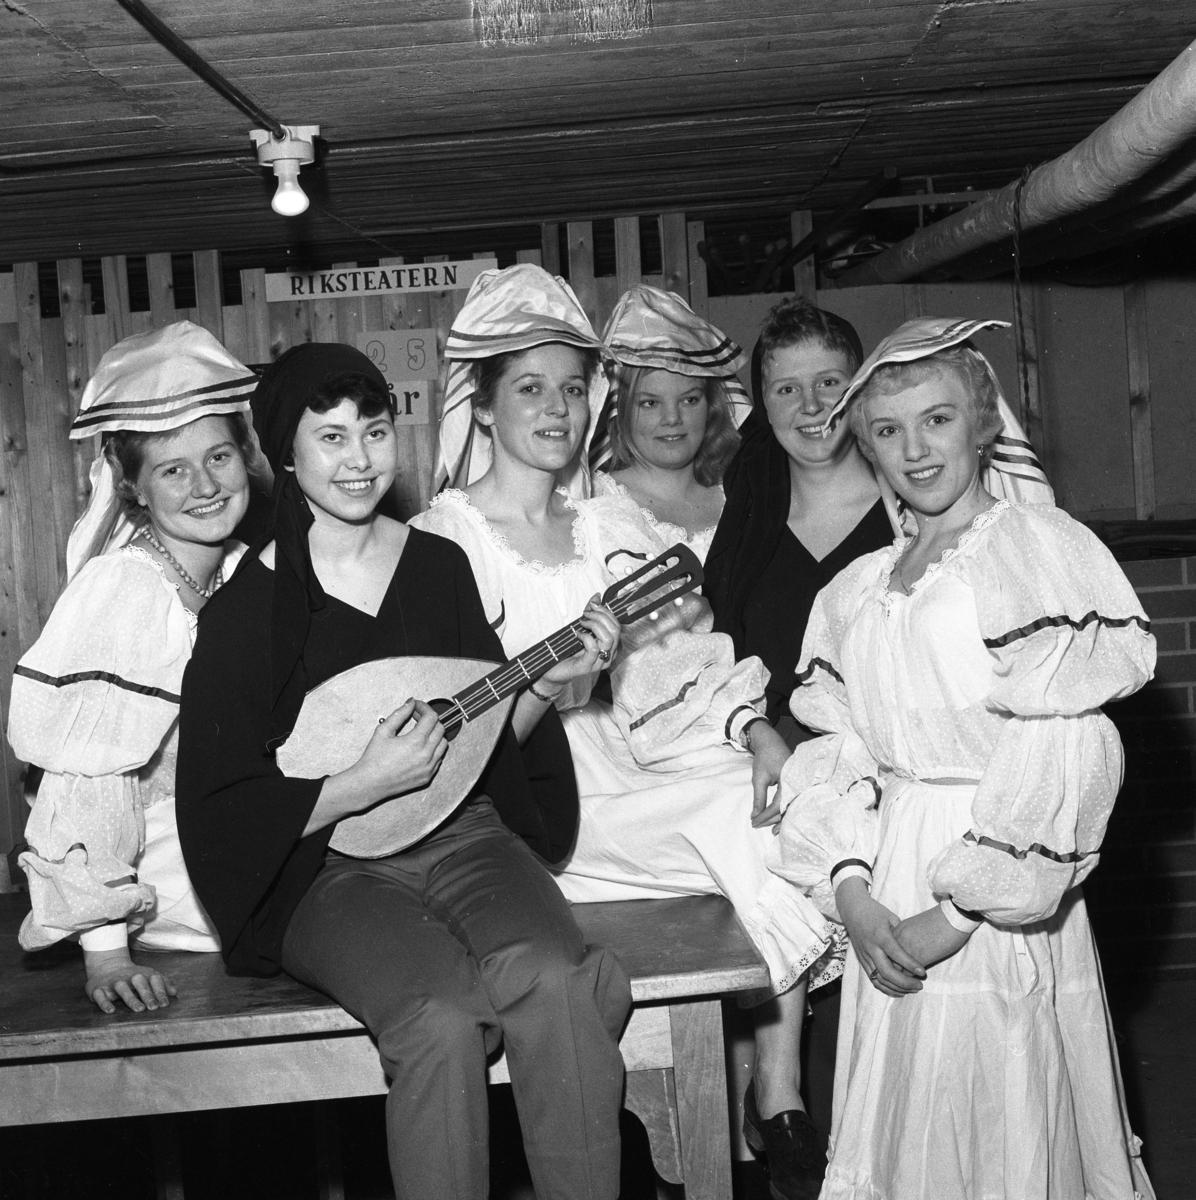 Lokalrevyn 1959 En lutspelare omgiven av vackra damer Från vänster: Mona Jansson, Berit Österberg, okänd, okänd, okänd och Ann-Sofie Zetterberg. Bilden är tagen i källaren under Folkan/Medborgarhuset